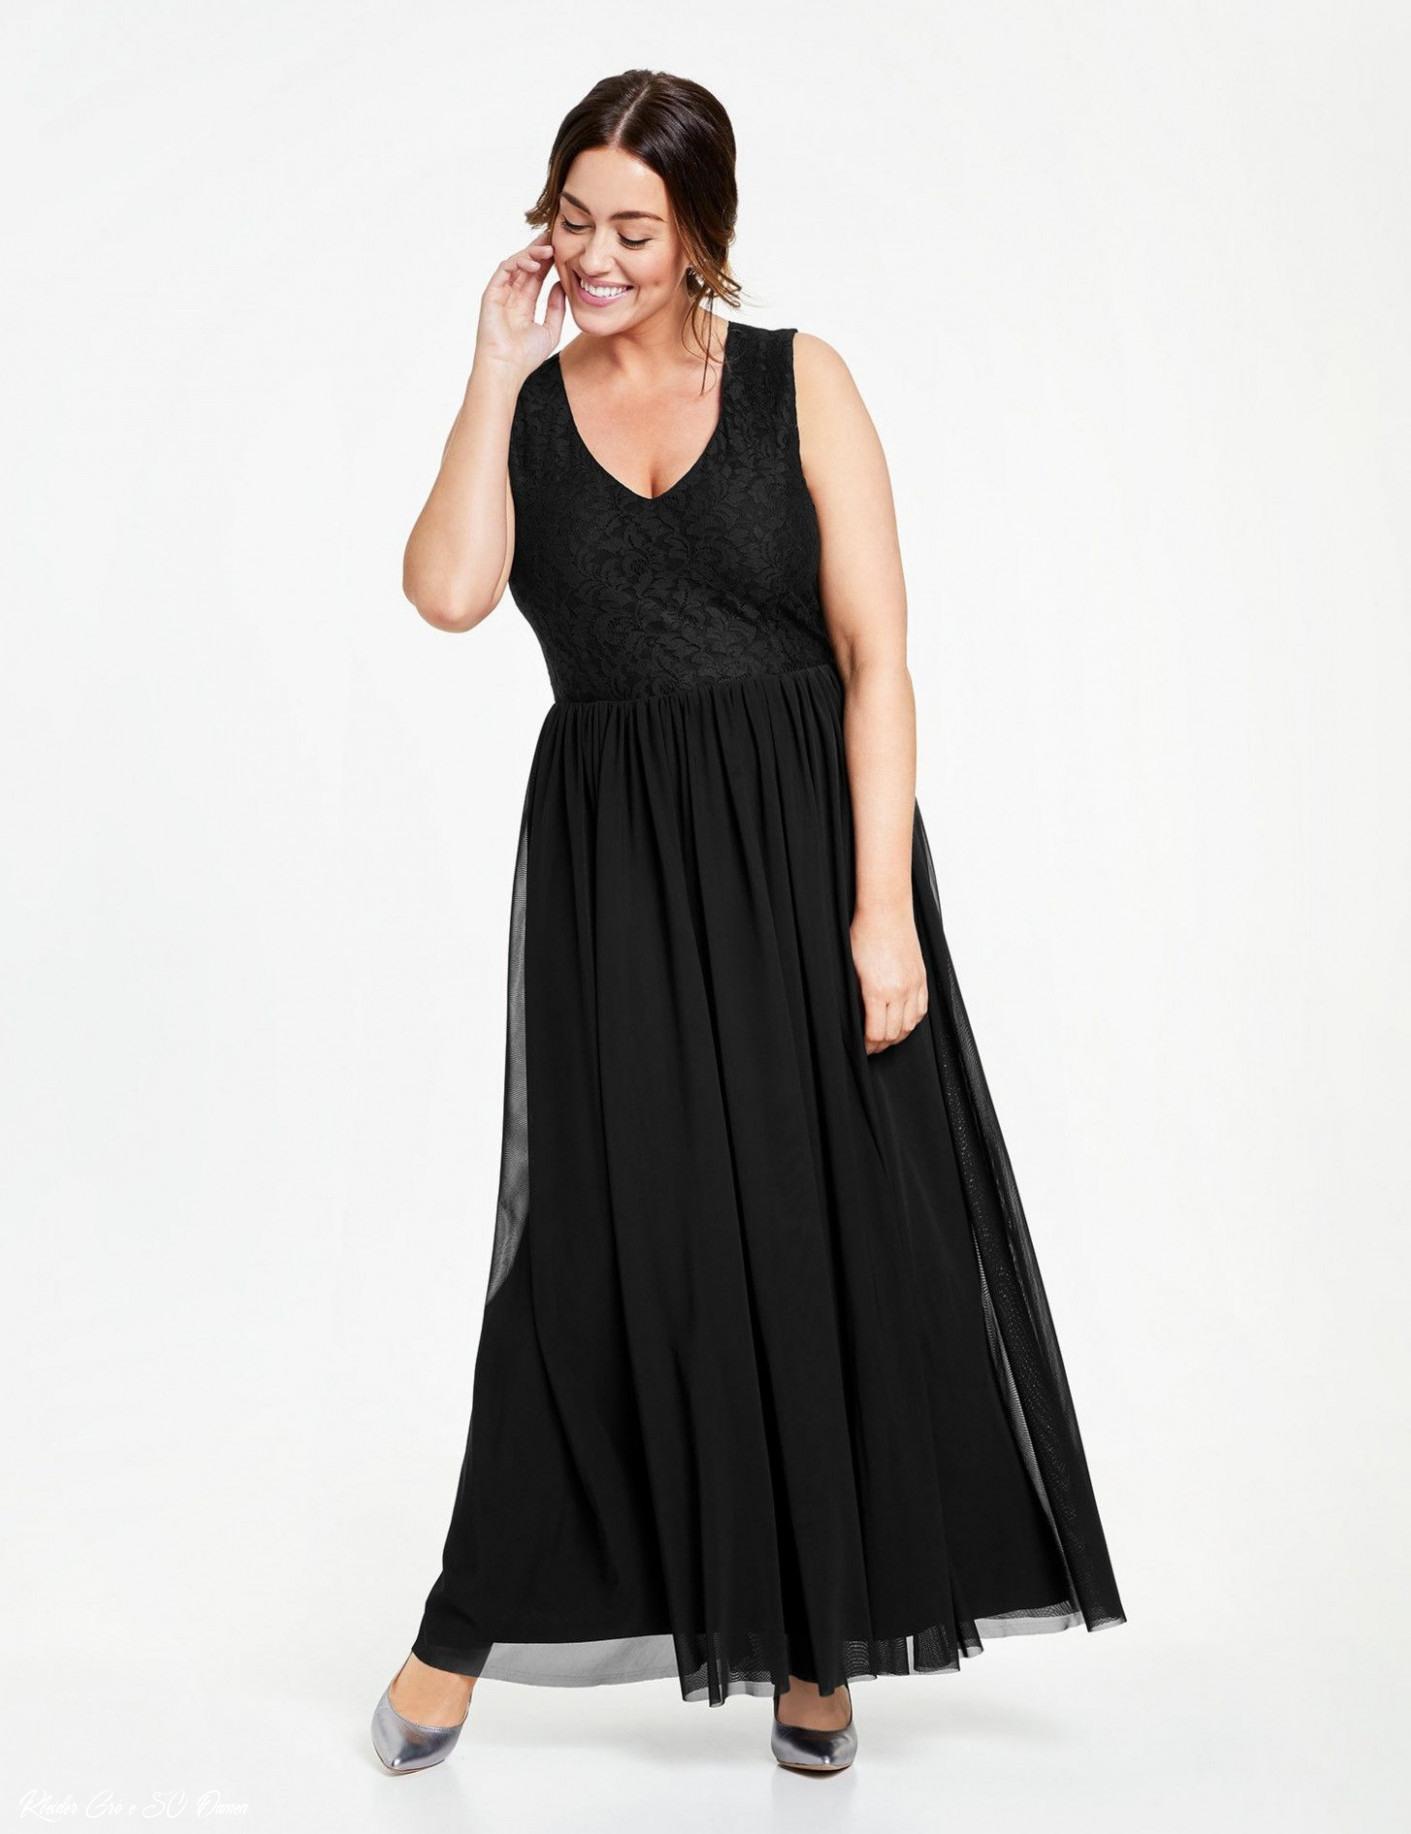 10 Sommerkleider Ab Größe 10 In 10 Maxi Kleider Kleider